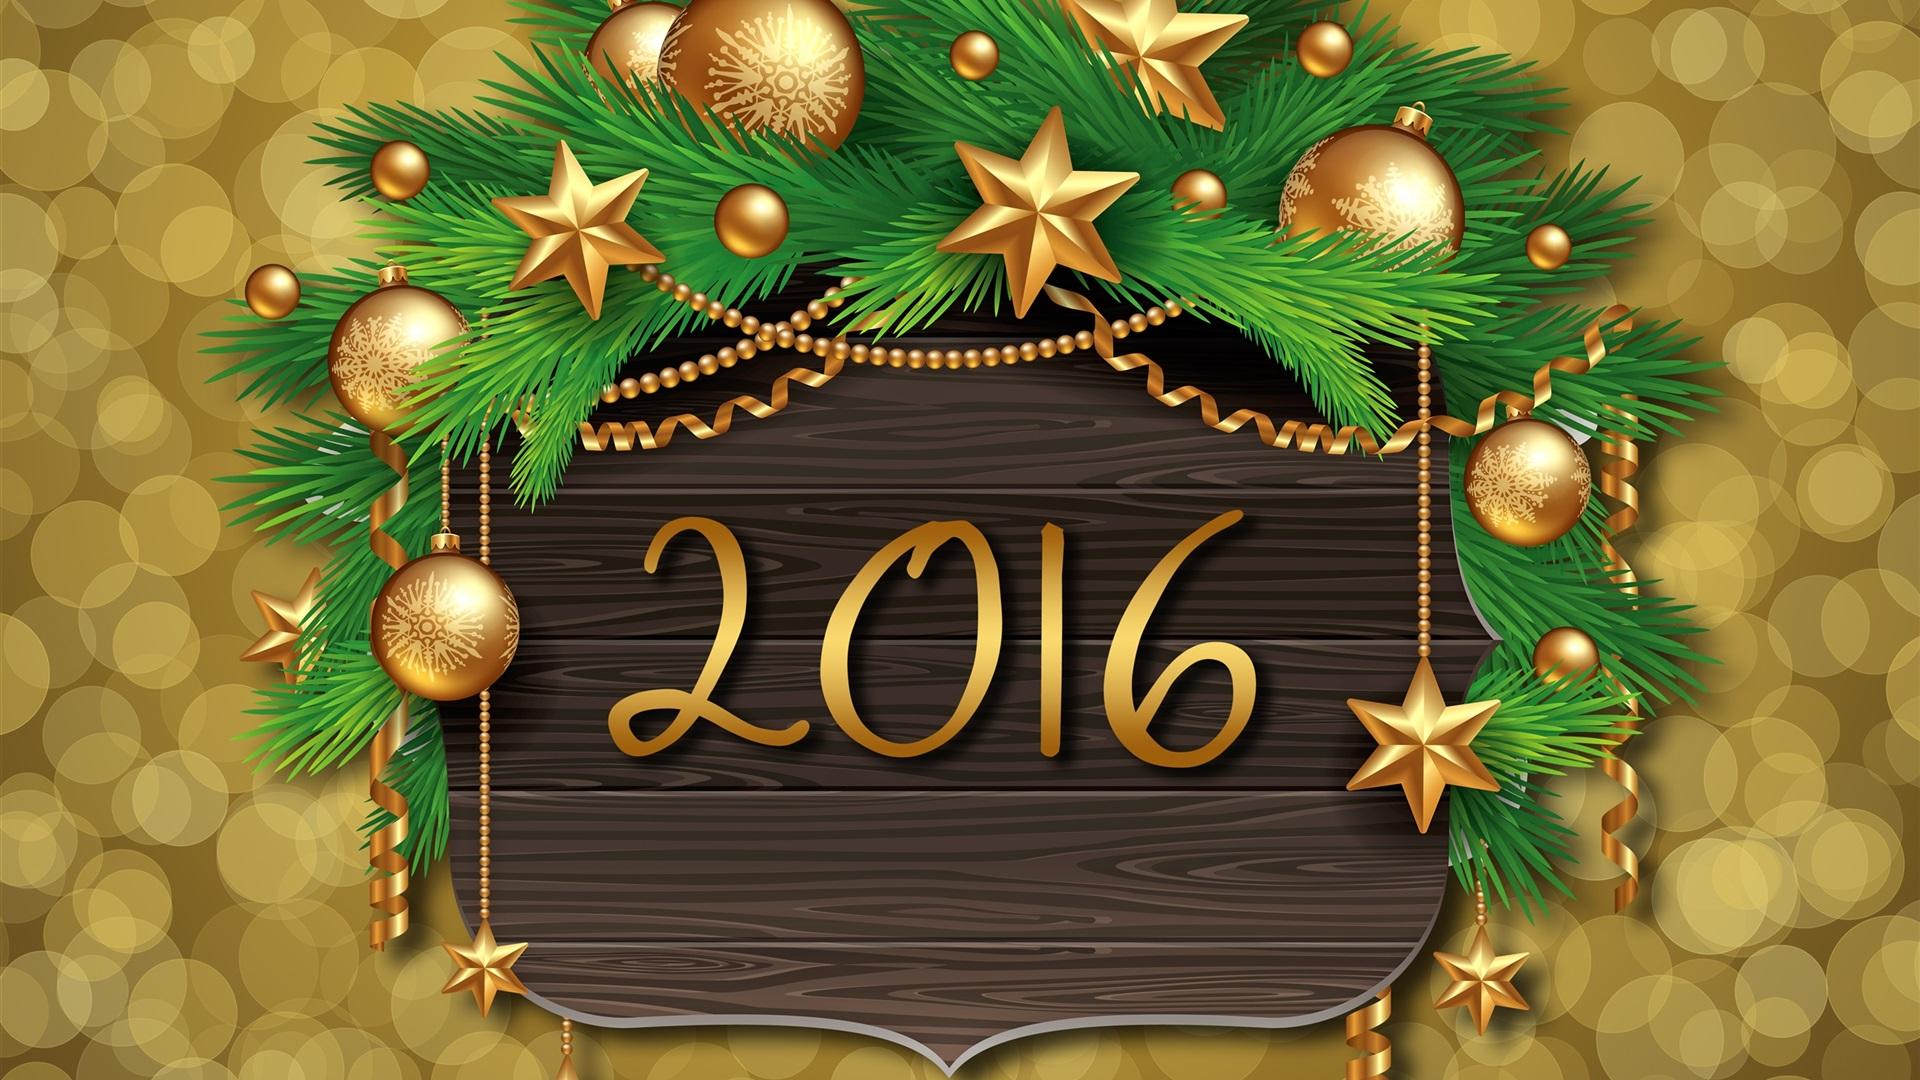 2016 ͕�피 ˉ� ̝�어 ͙�금 ʳ� ́�리스마스 ˰�경 ͙�면 1920x1080 ͒� Hd ˰�경 ͙�면